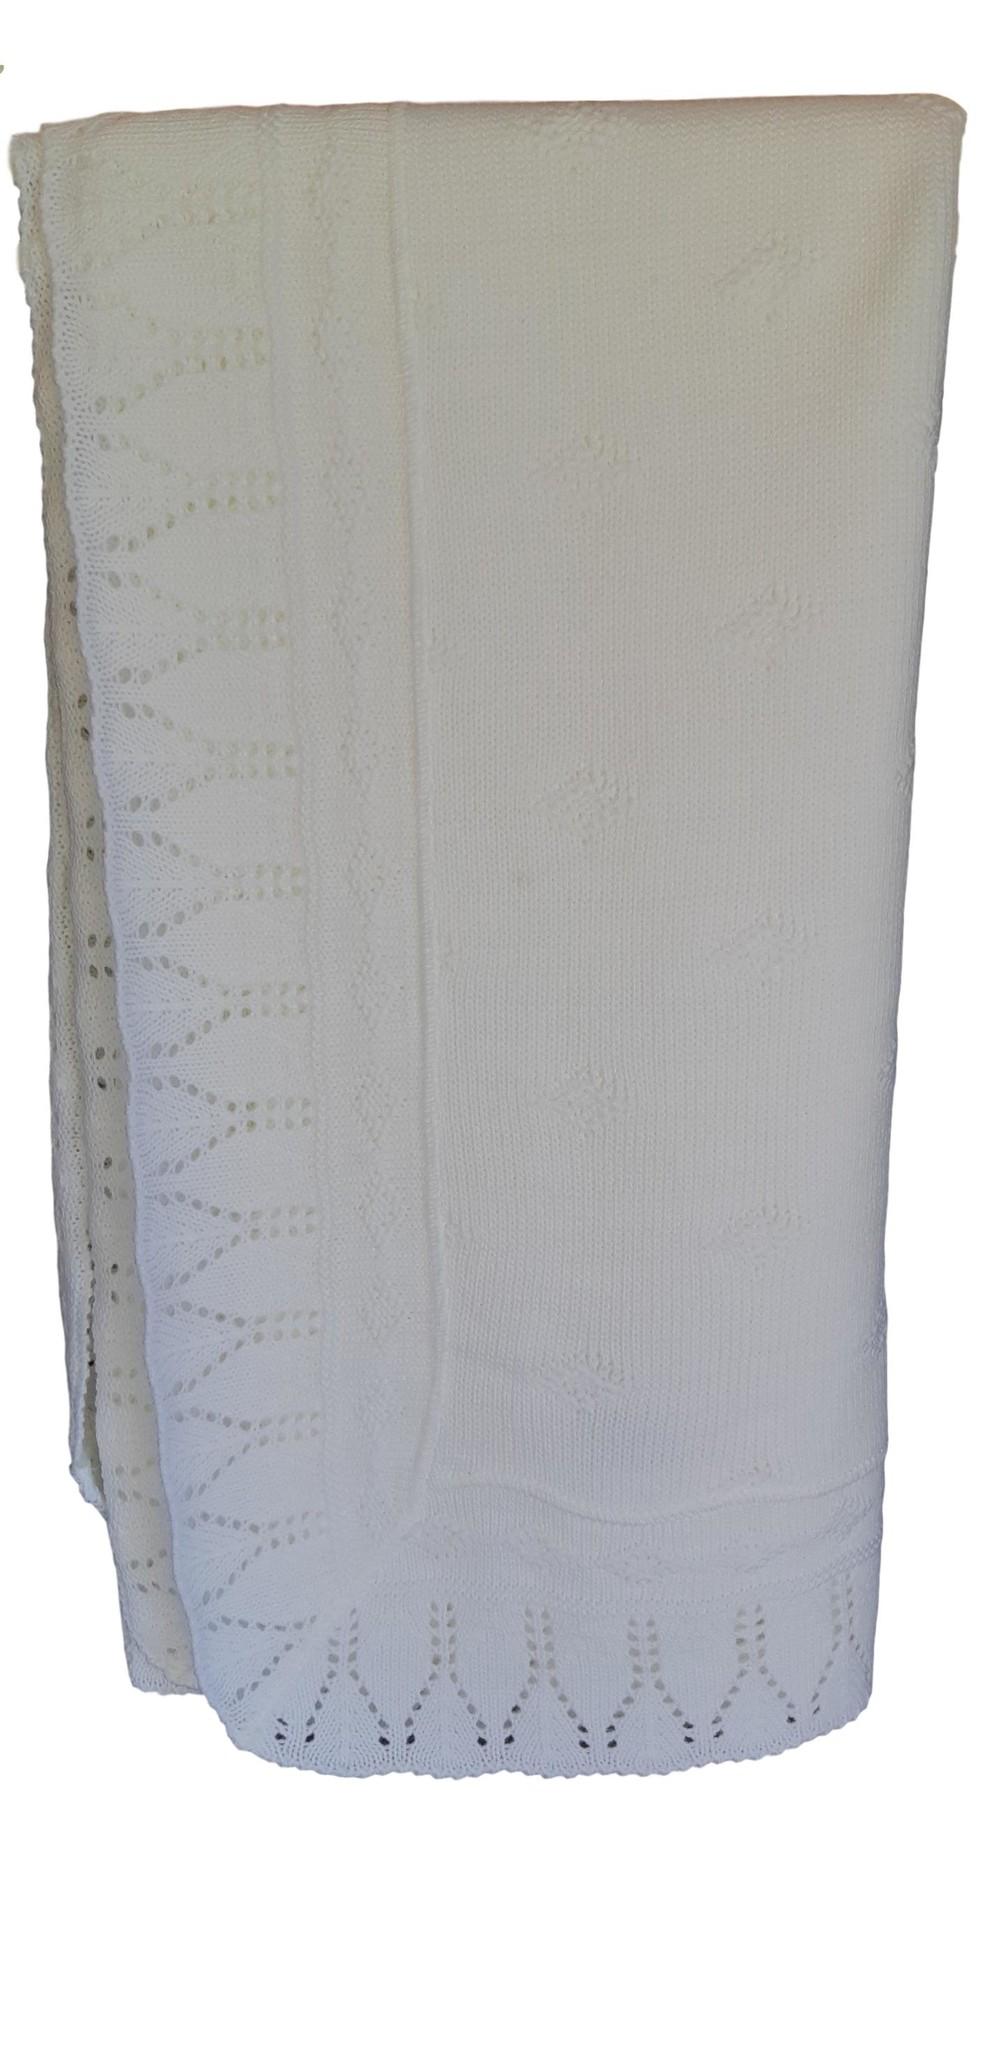 Doopkeed wit met zilverdraad geborduurde tekst